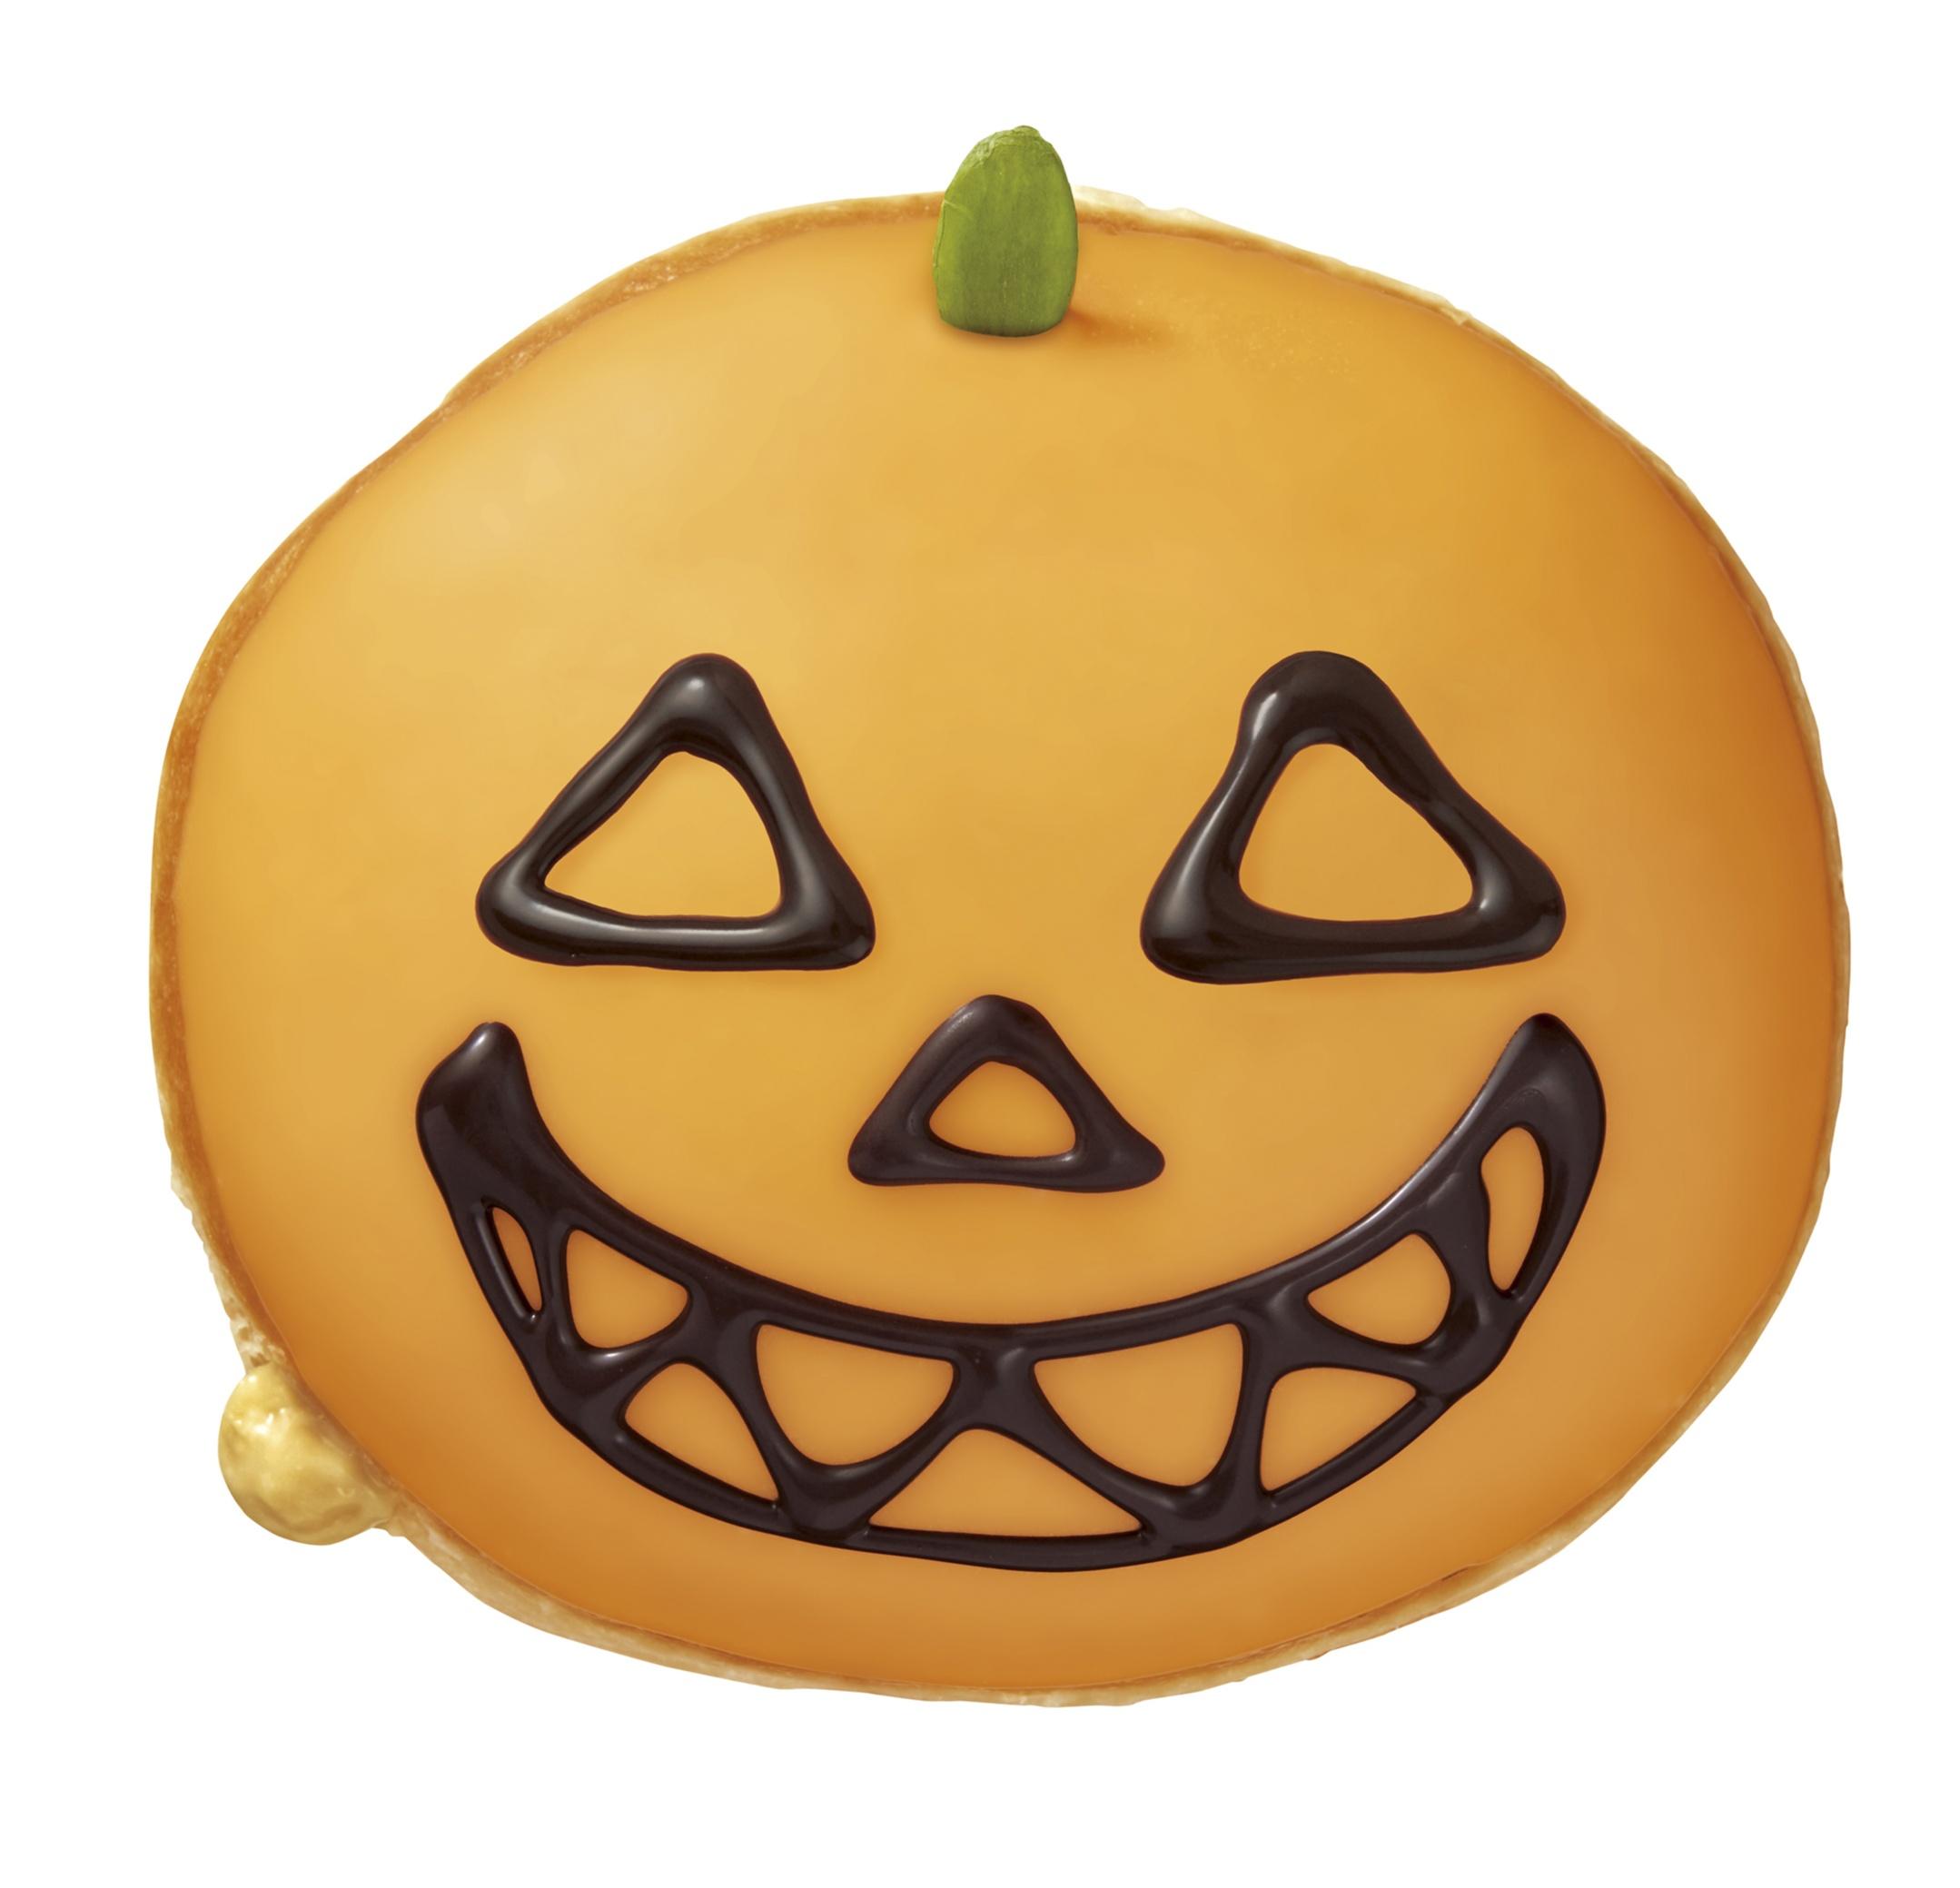 【10/31(火)まで!】今年の『クリスピー・クリーム・ドーナツ』ハロウィンは、増田セバスチャン氏プロデュースなんです!!!_1_1